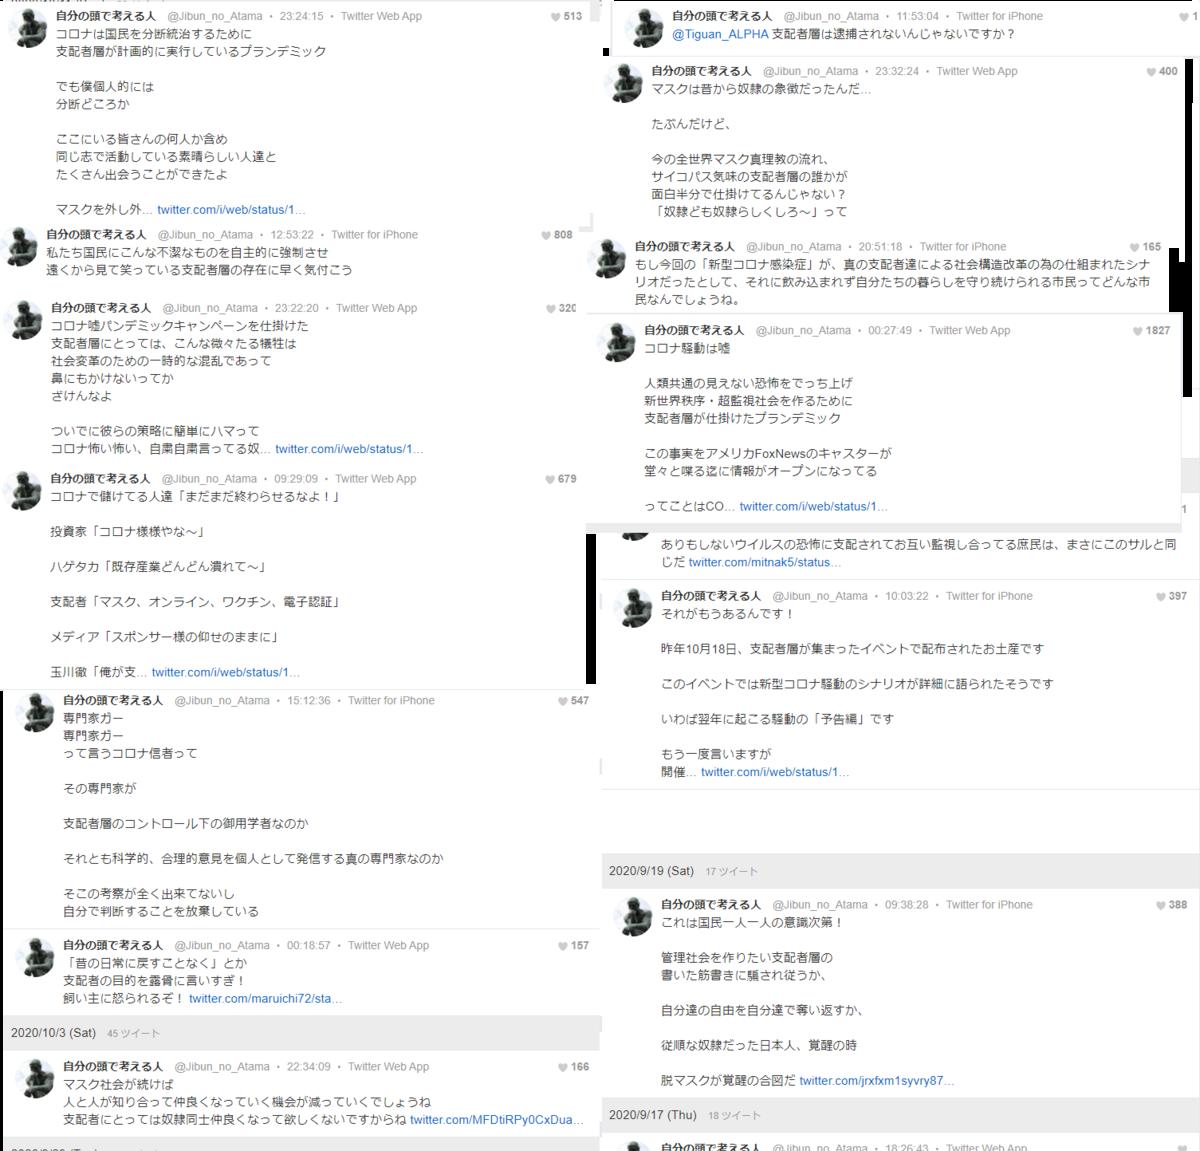 f:id:MagurotsuKajiki:20201014235323p:plain